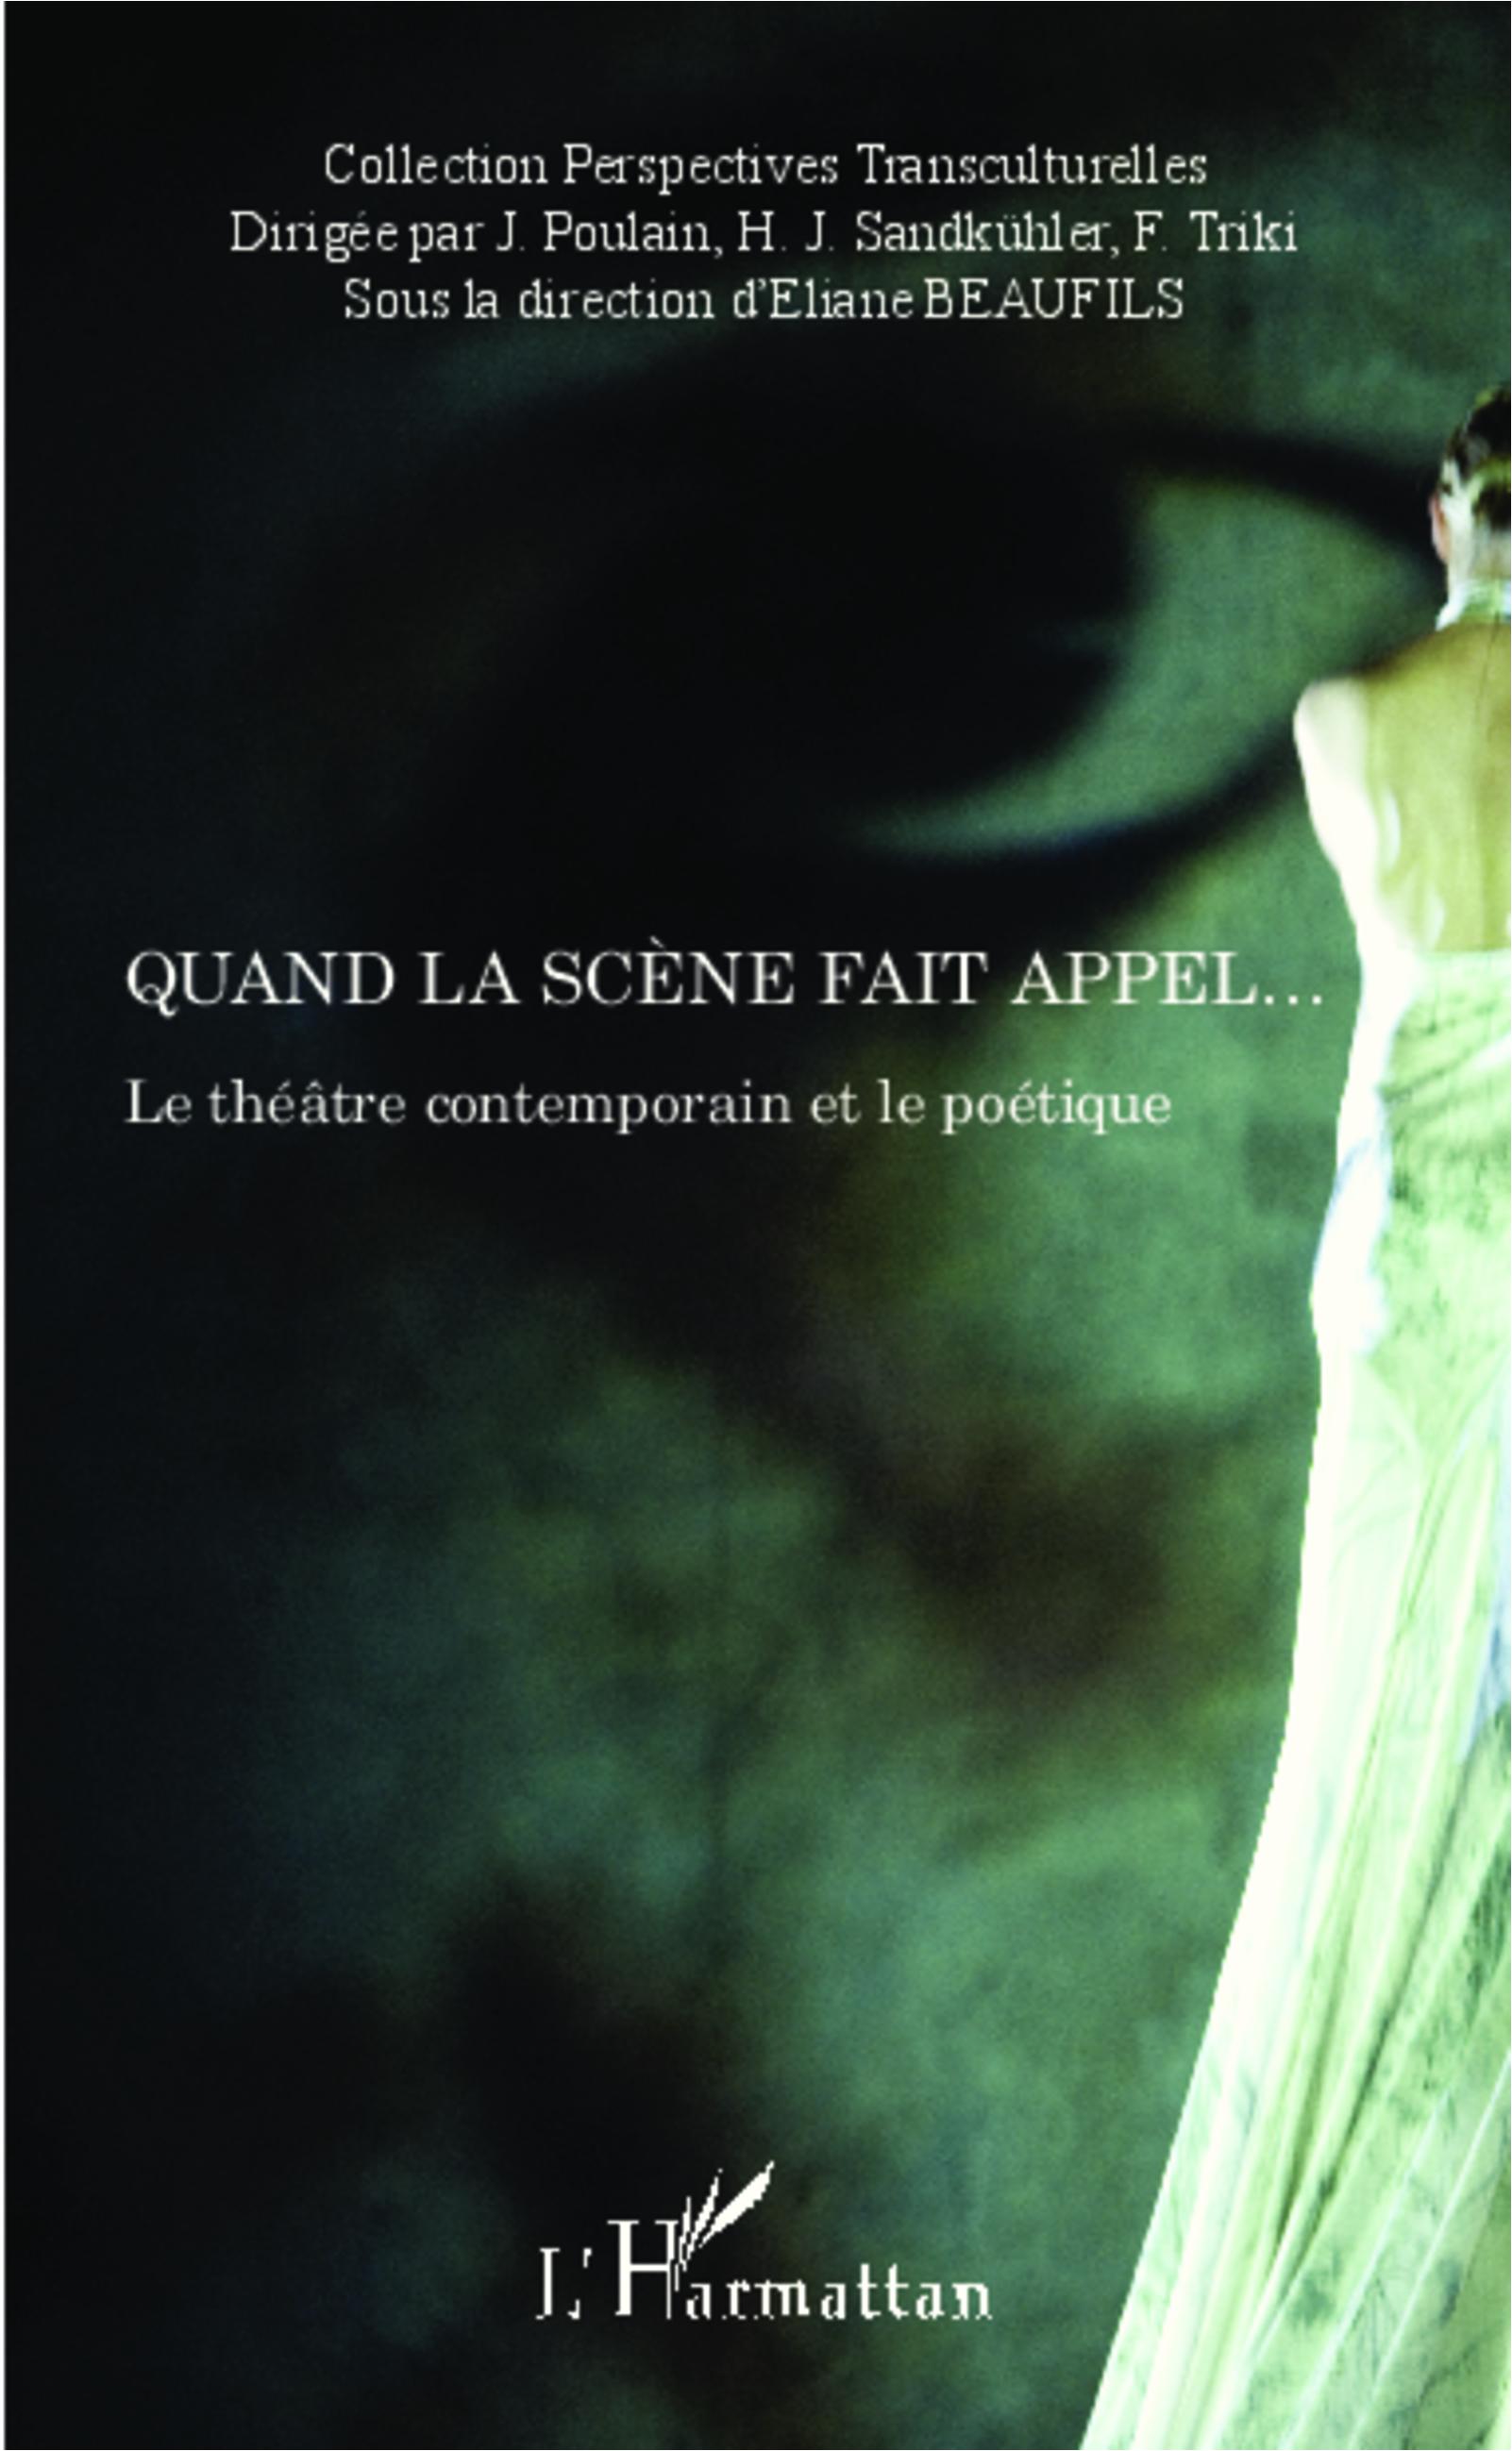 E. Beaufils (dir.), Quand la scène fait appel. - Le Théâtre contemporain et le poétique